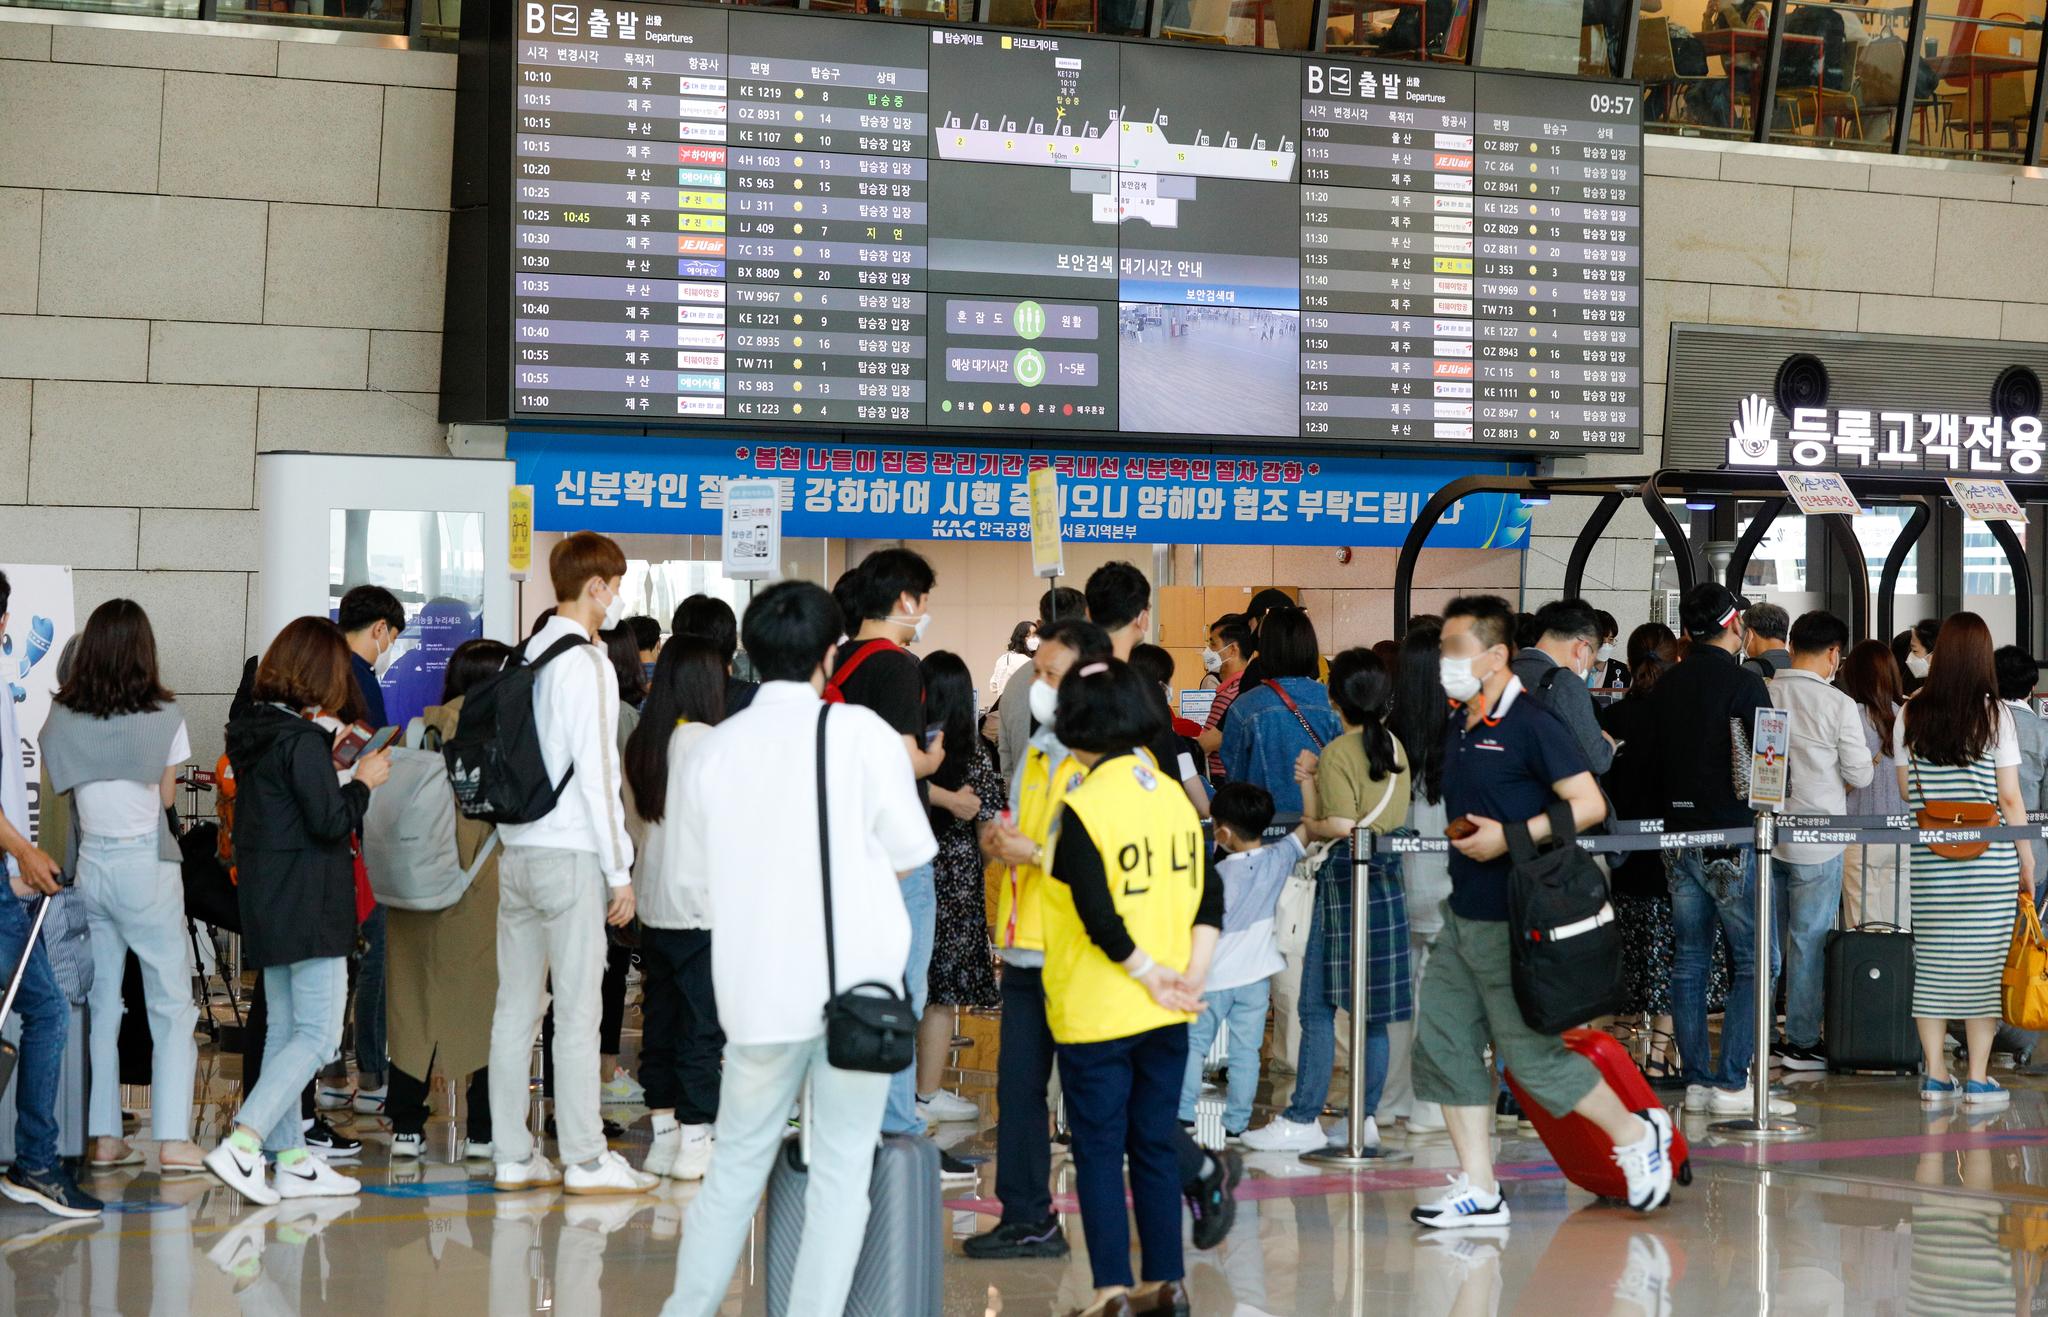 올해 마지막 평일 공휴일인 석가탄신일 19일 오전 서울 강서구 김포국제공항 국내선 청사에서 여행객들이 체크인을 하기 위해 길게 줄 서 있다. 뉴스1